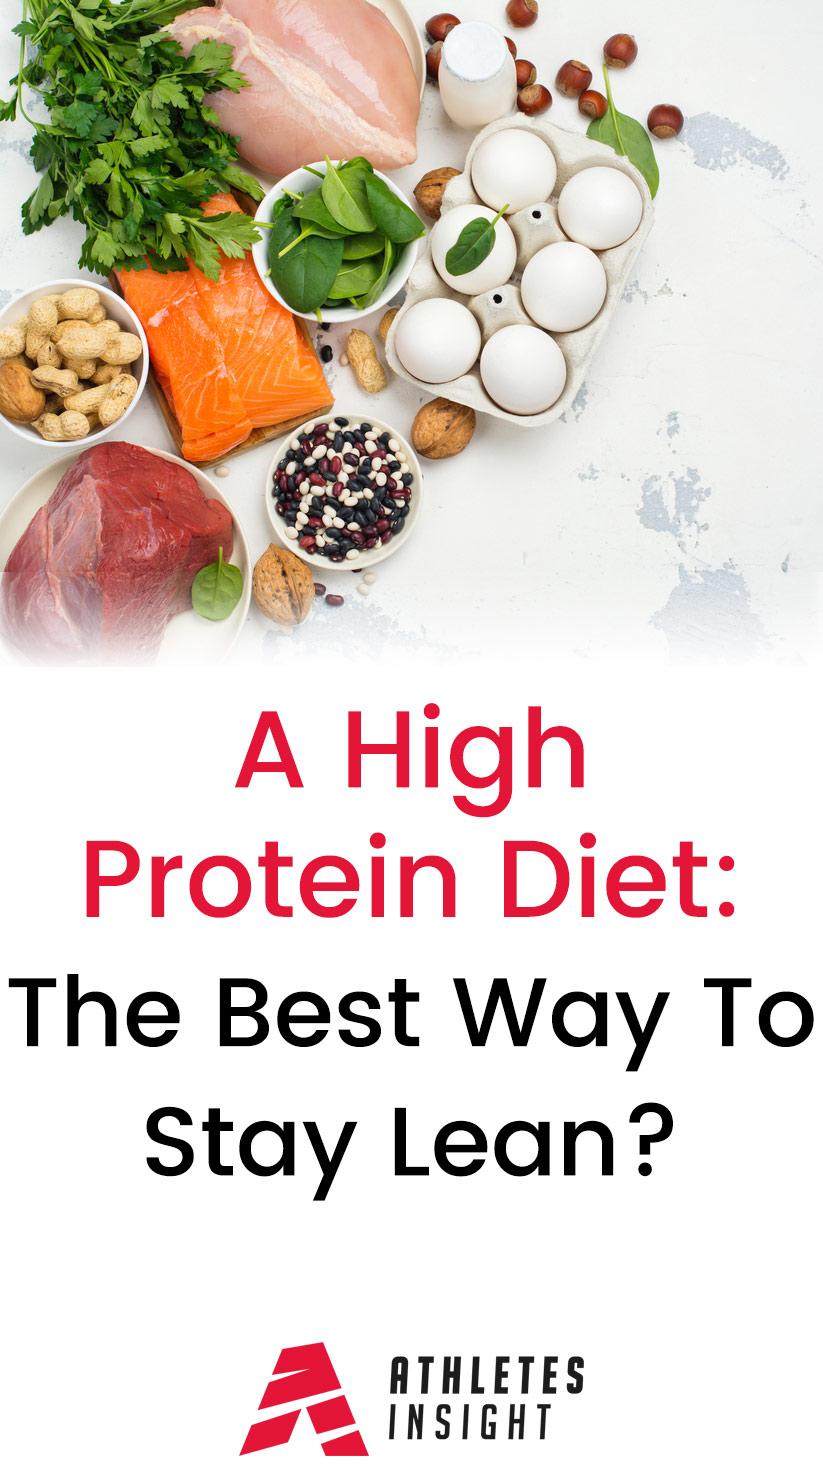 A High Protein Diet